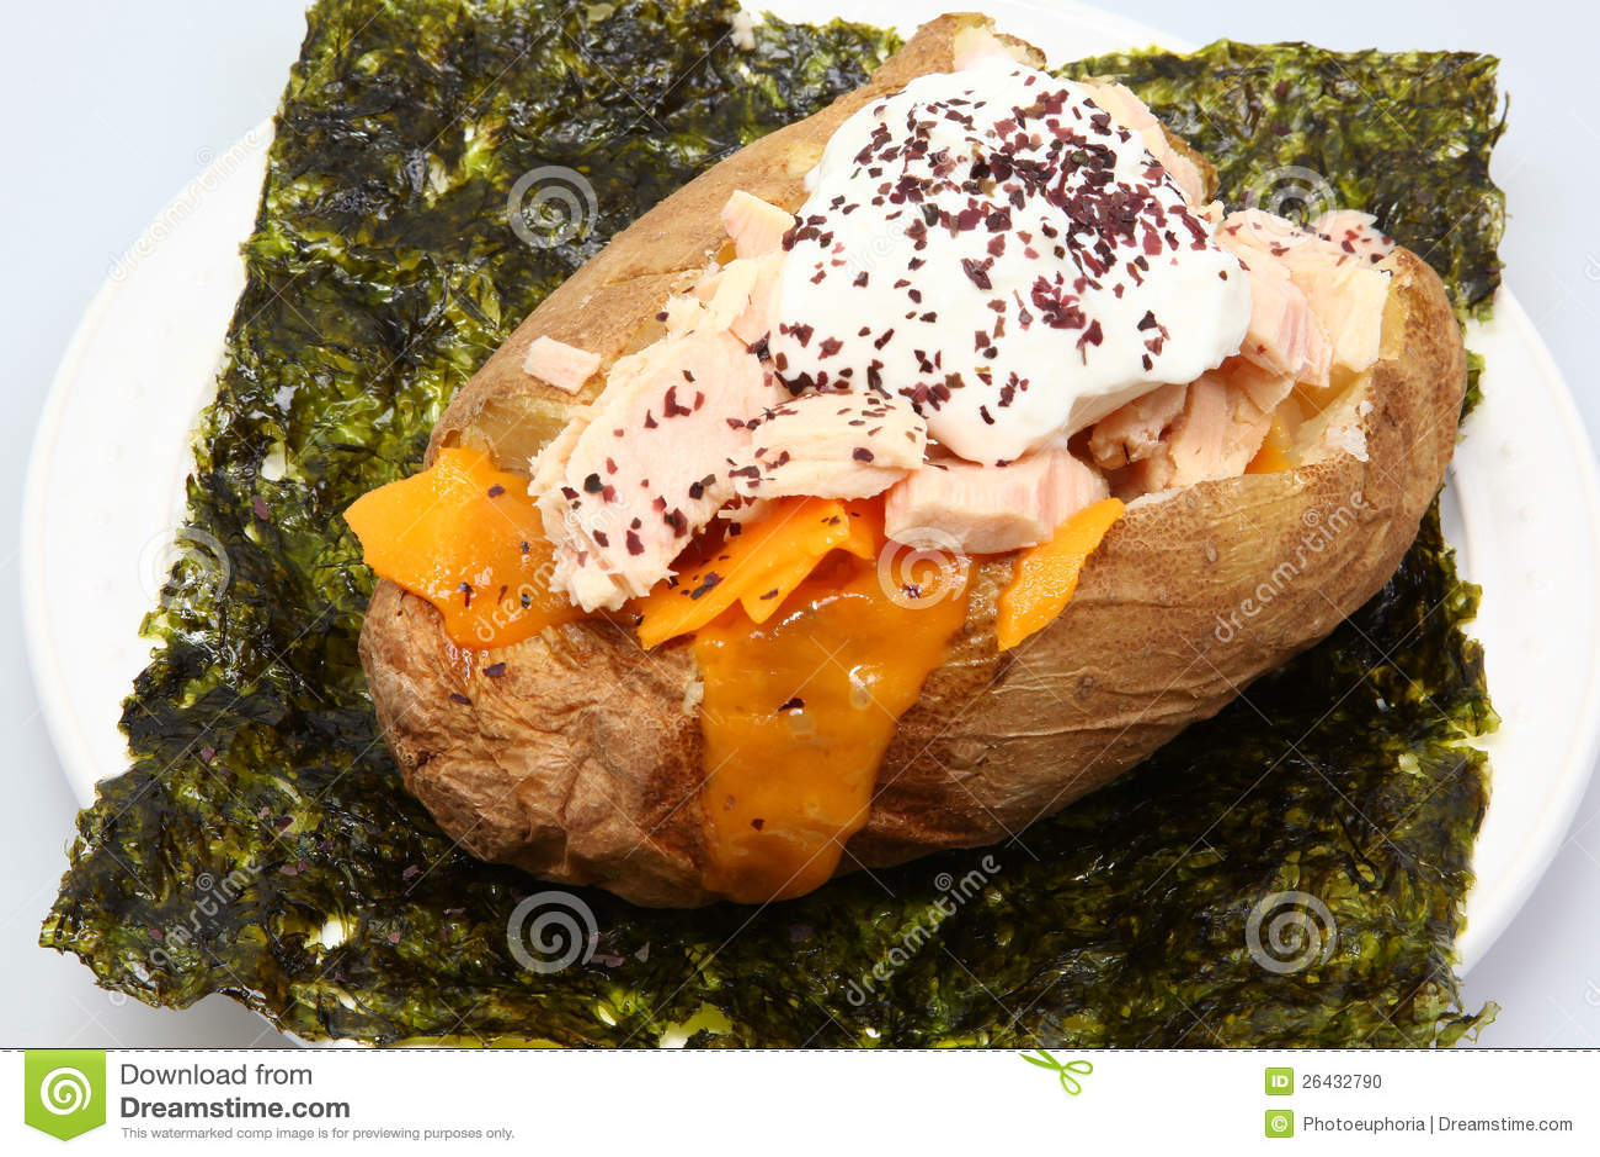 Patata cocida al horno rellena del atún de albacora en alga marina